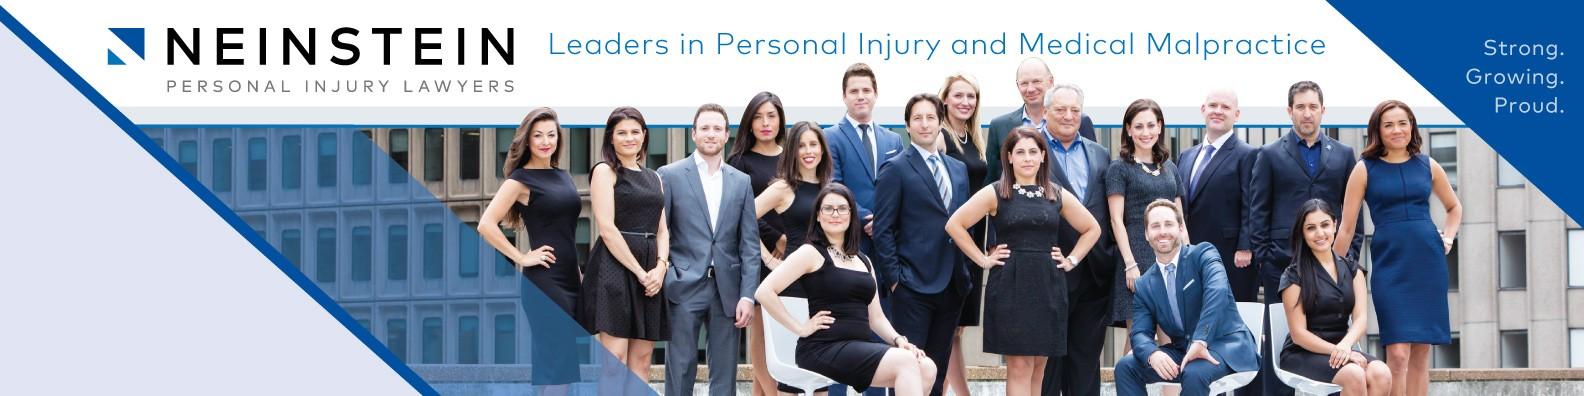 Neinstein Toronto Personal Injury Lawyers